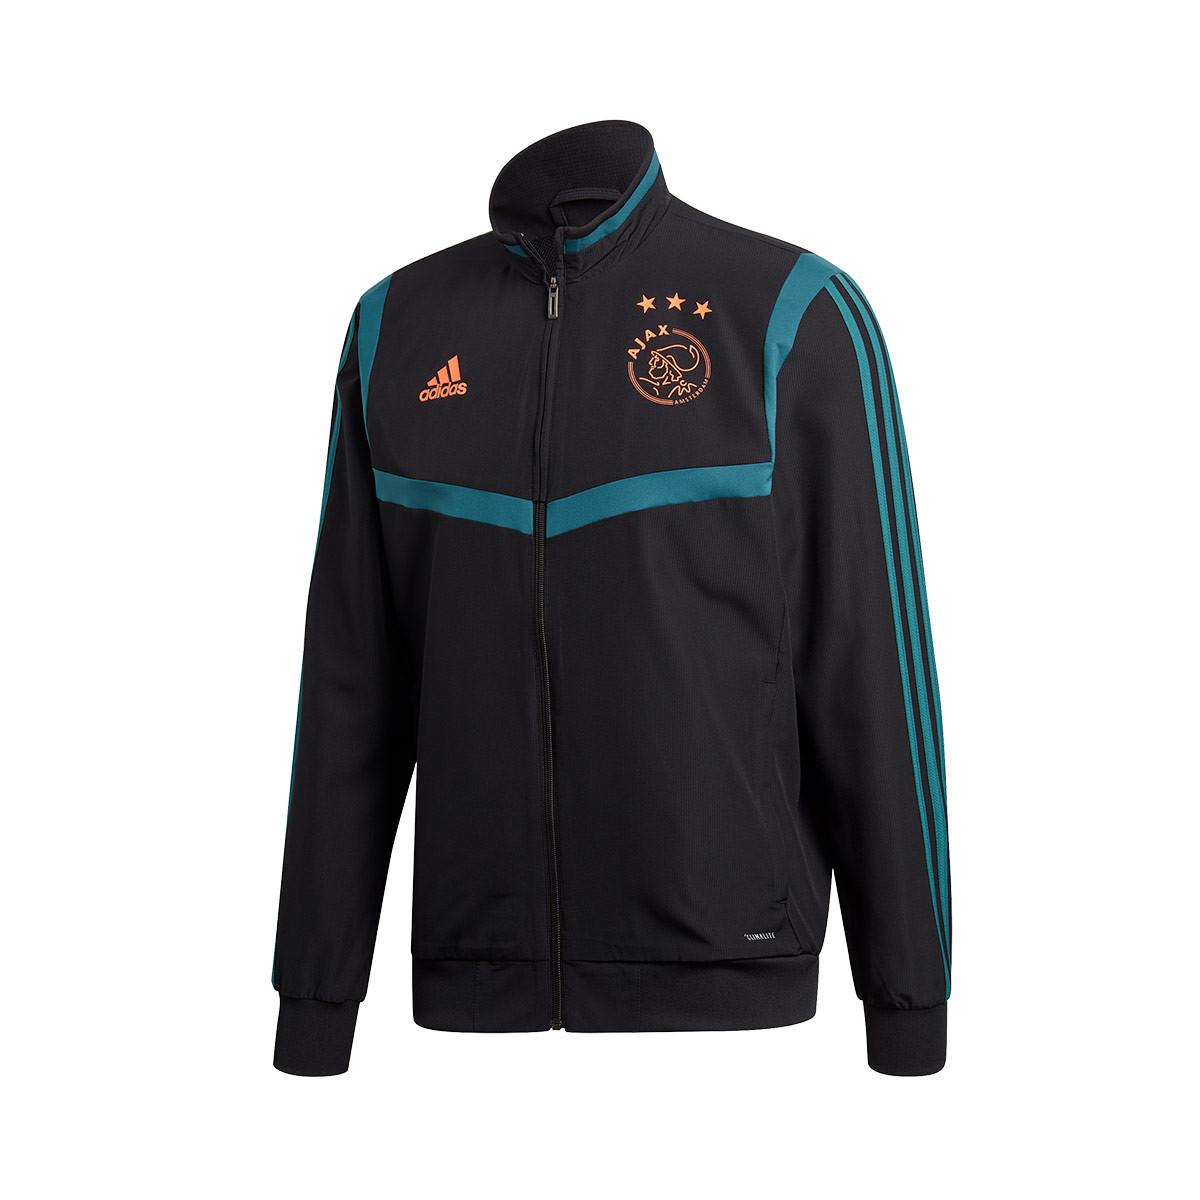 Chaqueta adidas Ajax entreno 2019 2020